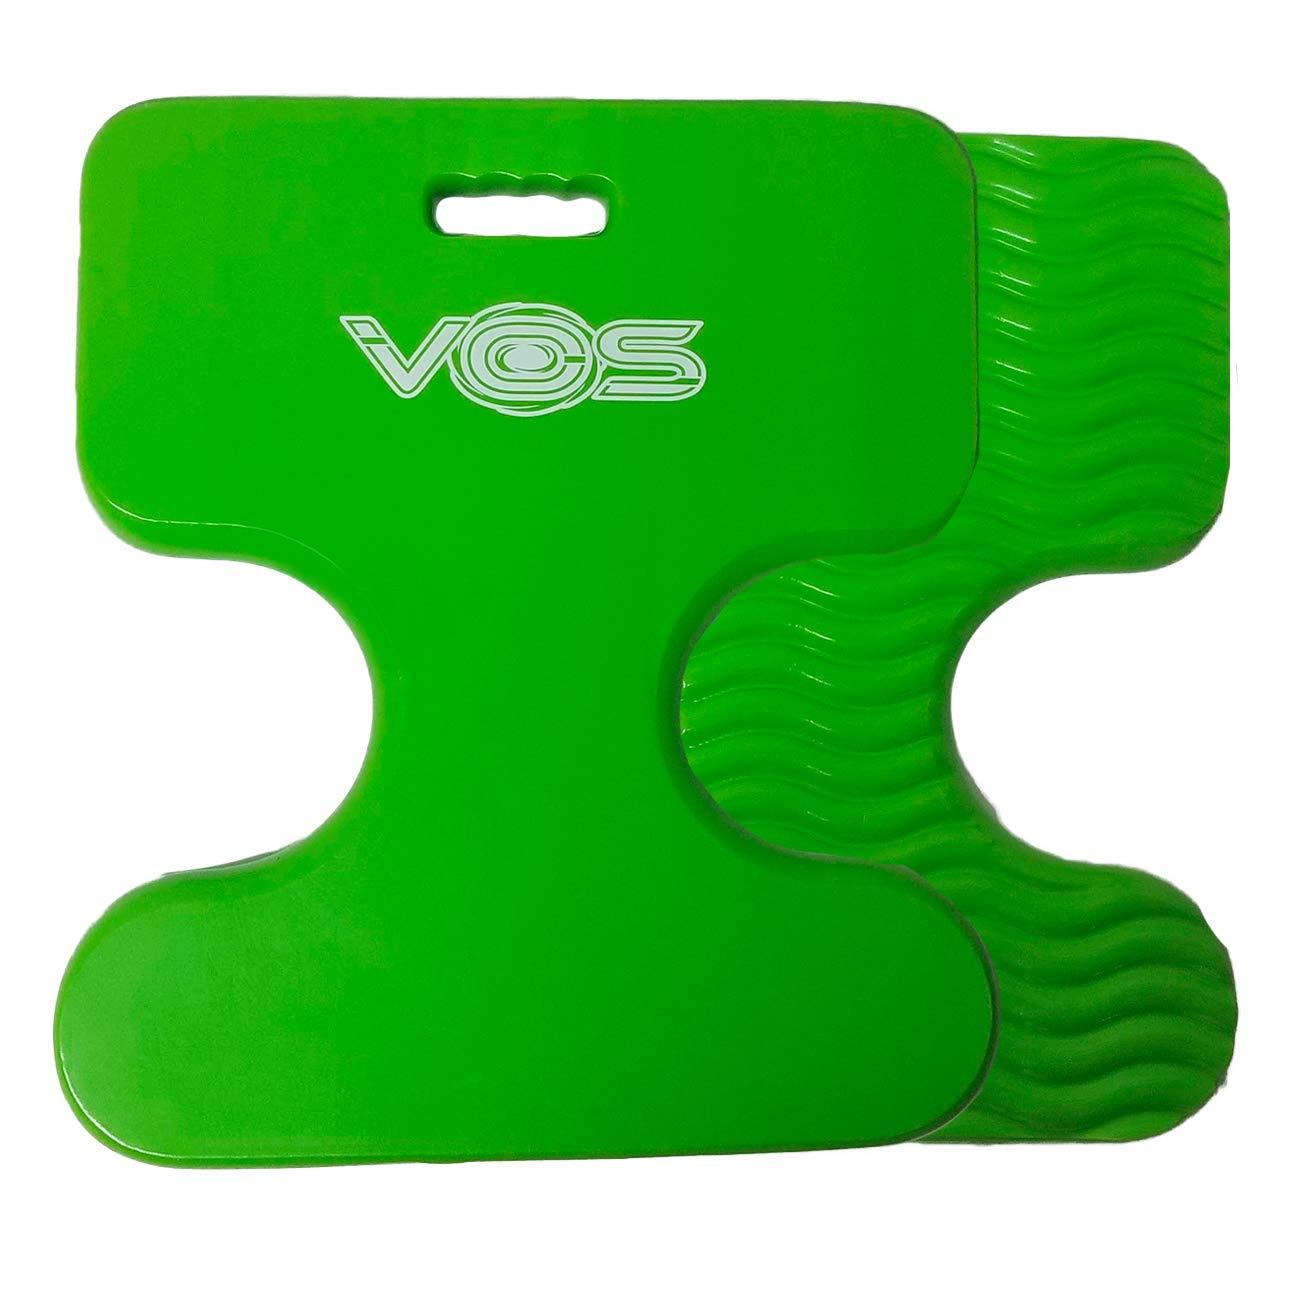 Seafoam Vos Oasis Premium Water Saddle Floating Pool Toys Lake Summer 2 Pack